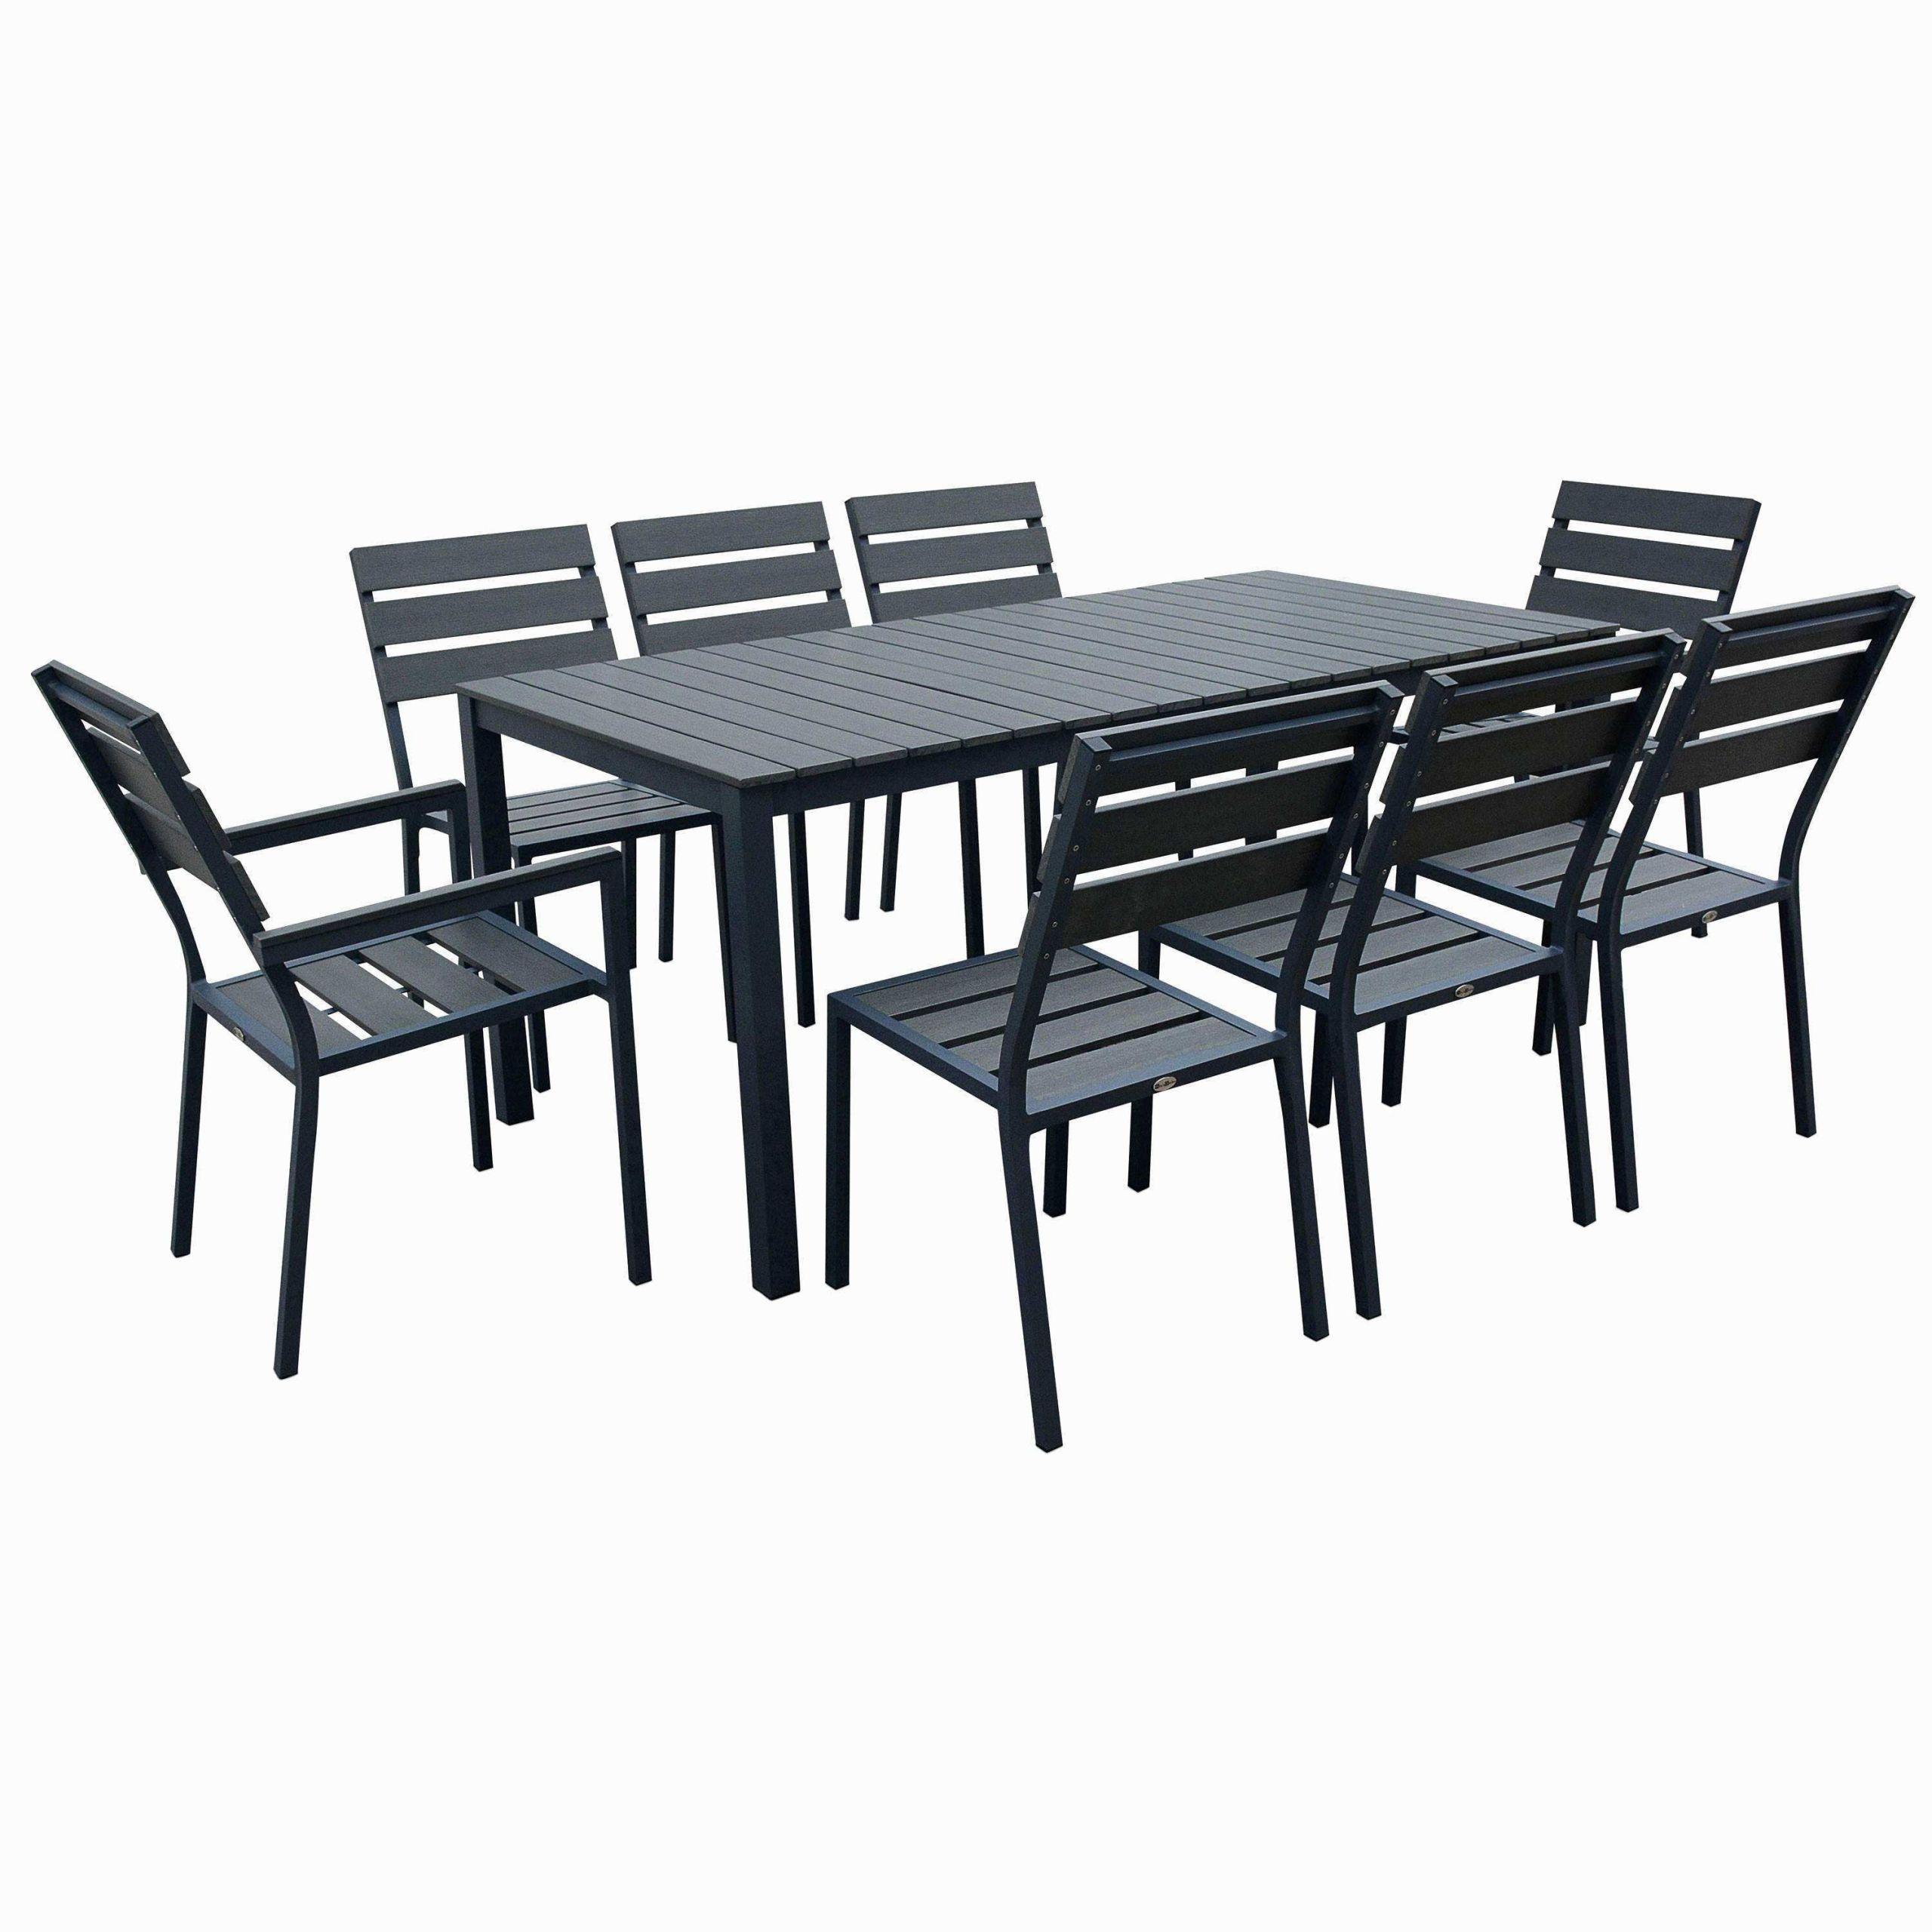 Table Chaise Terrasse Élégant Table Terrasse Pas Cher ... intérieur Table De Jardin Pas Cher